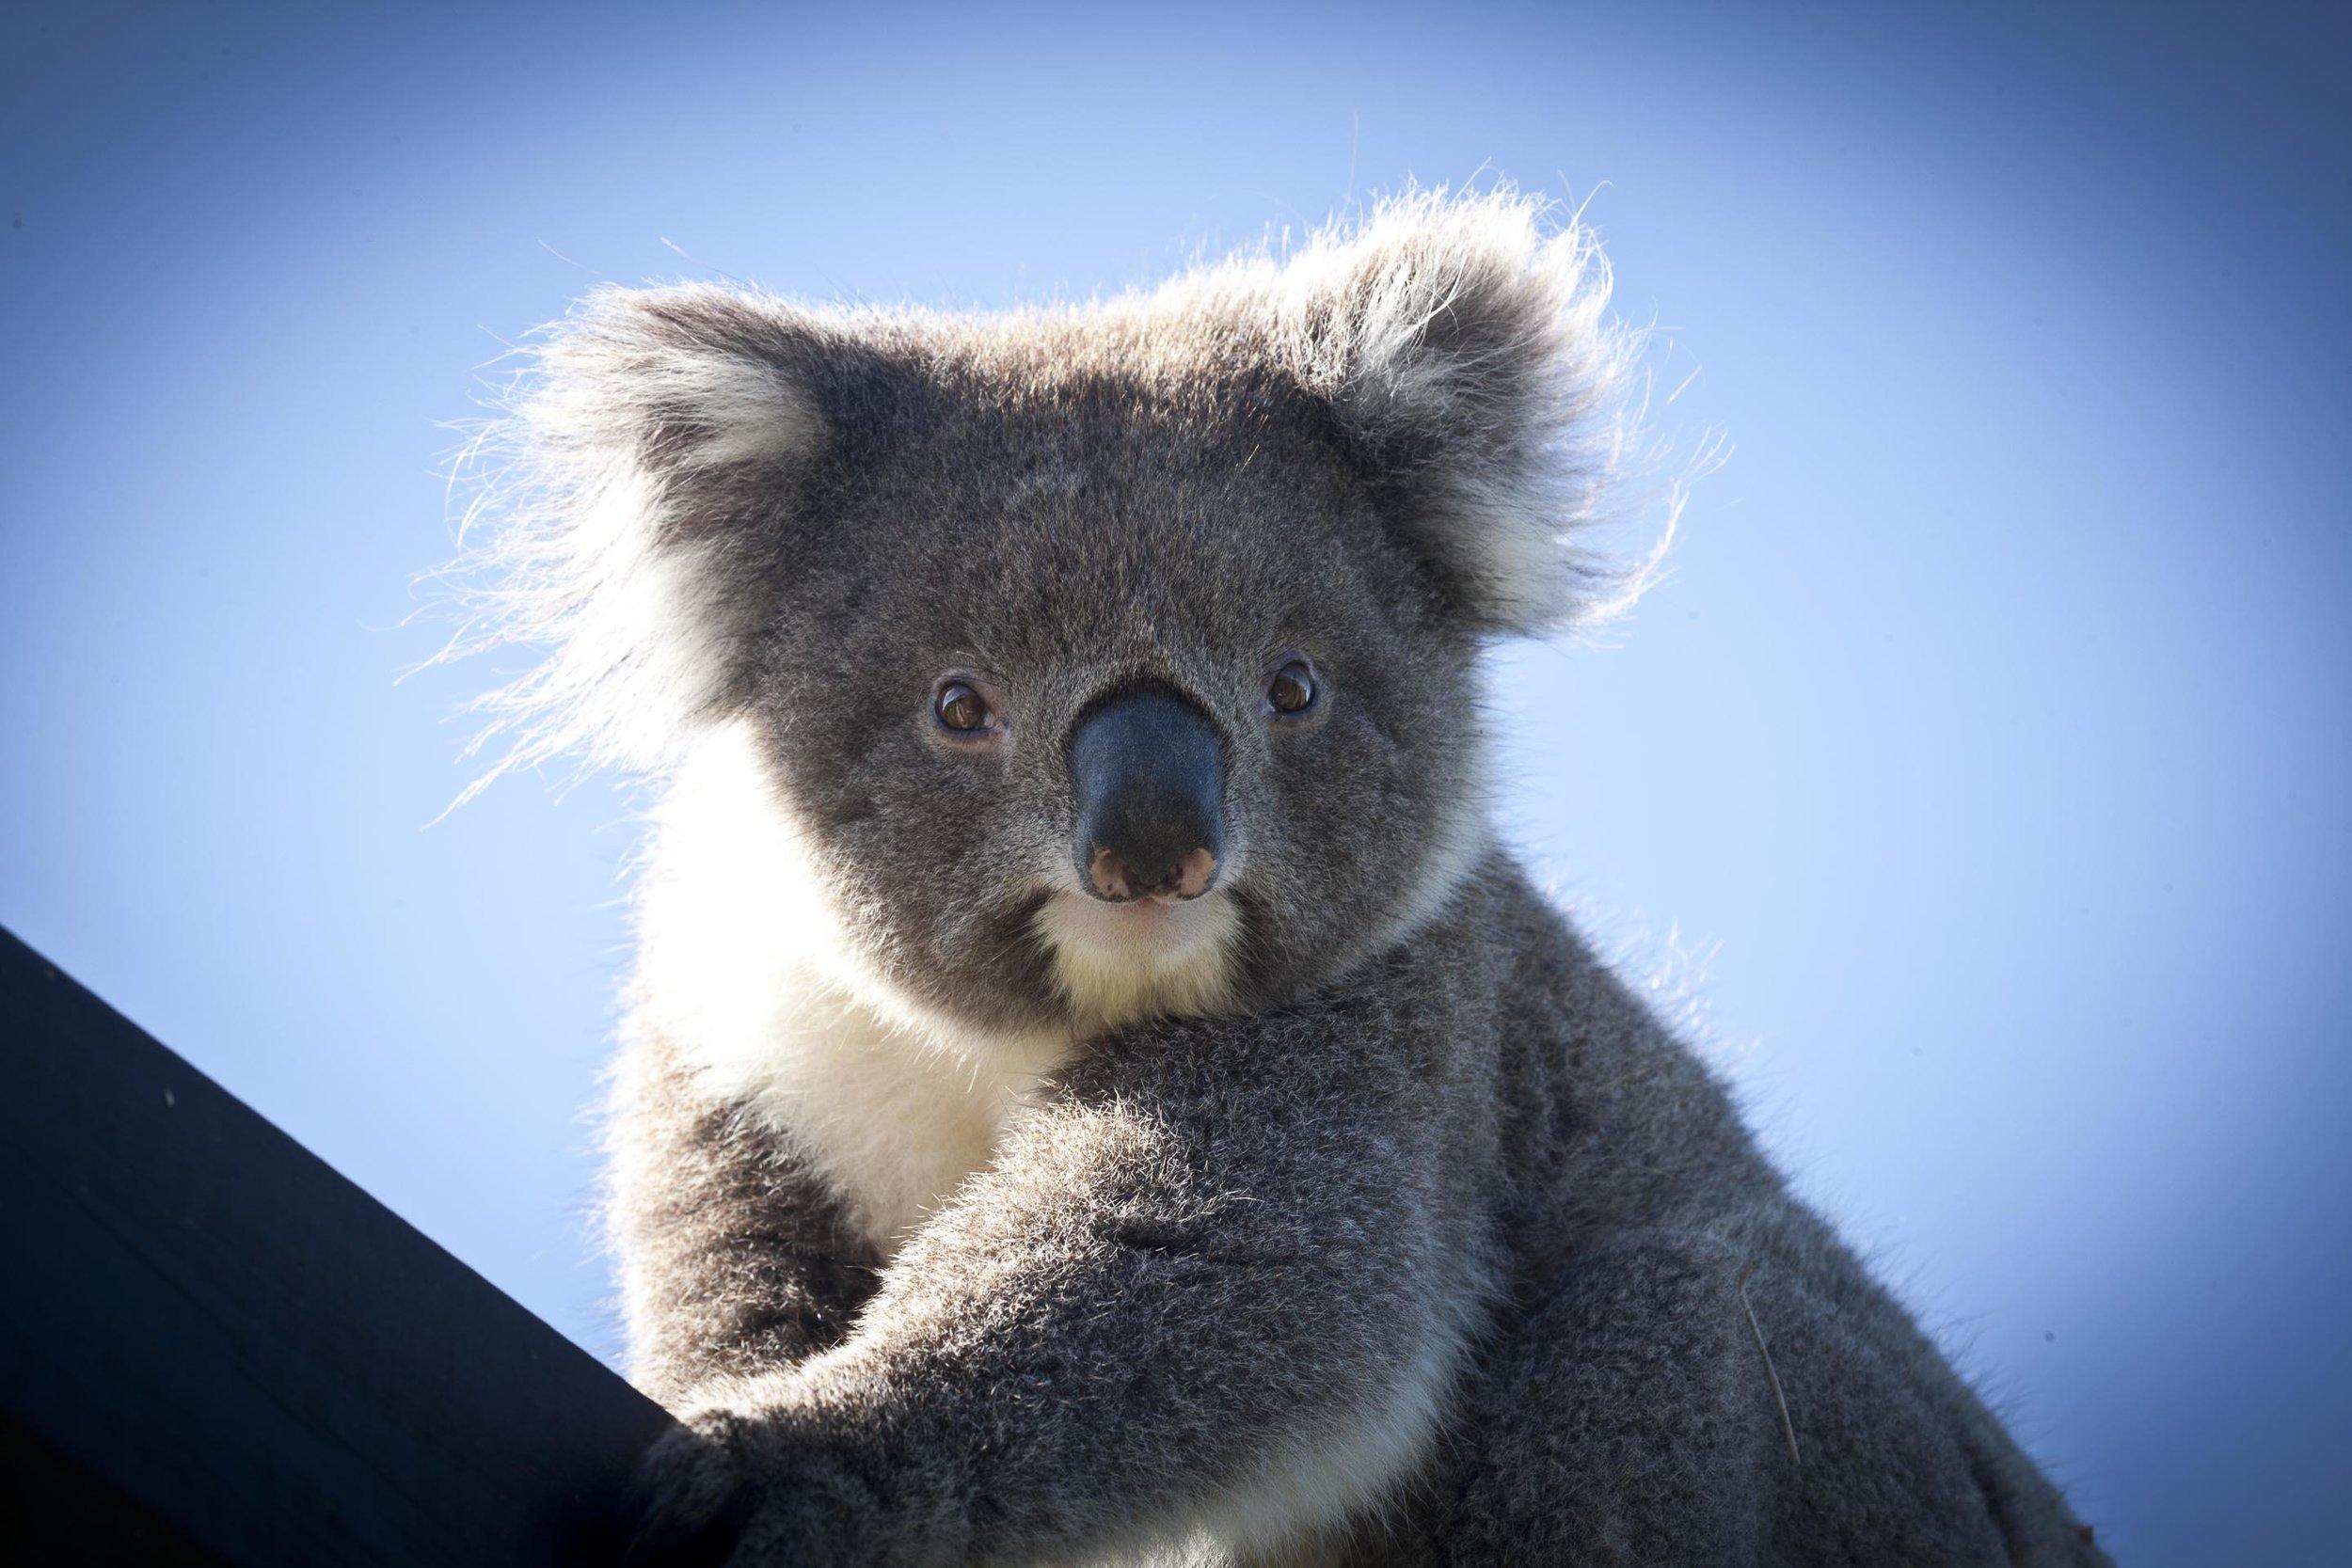 Koala Bear at Chi Medicinal Farm Pose 3